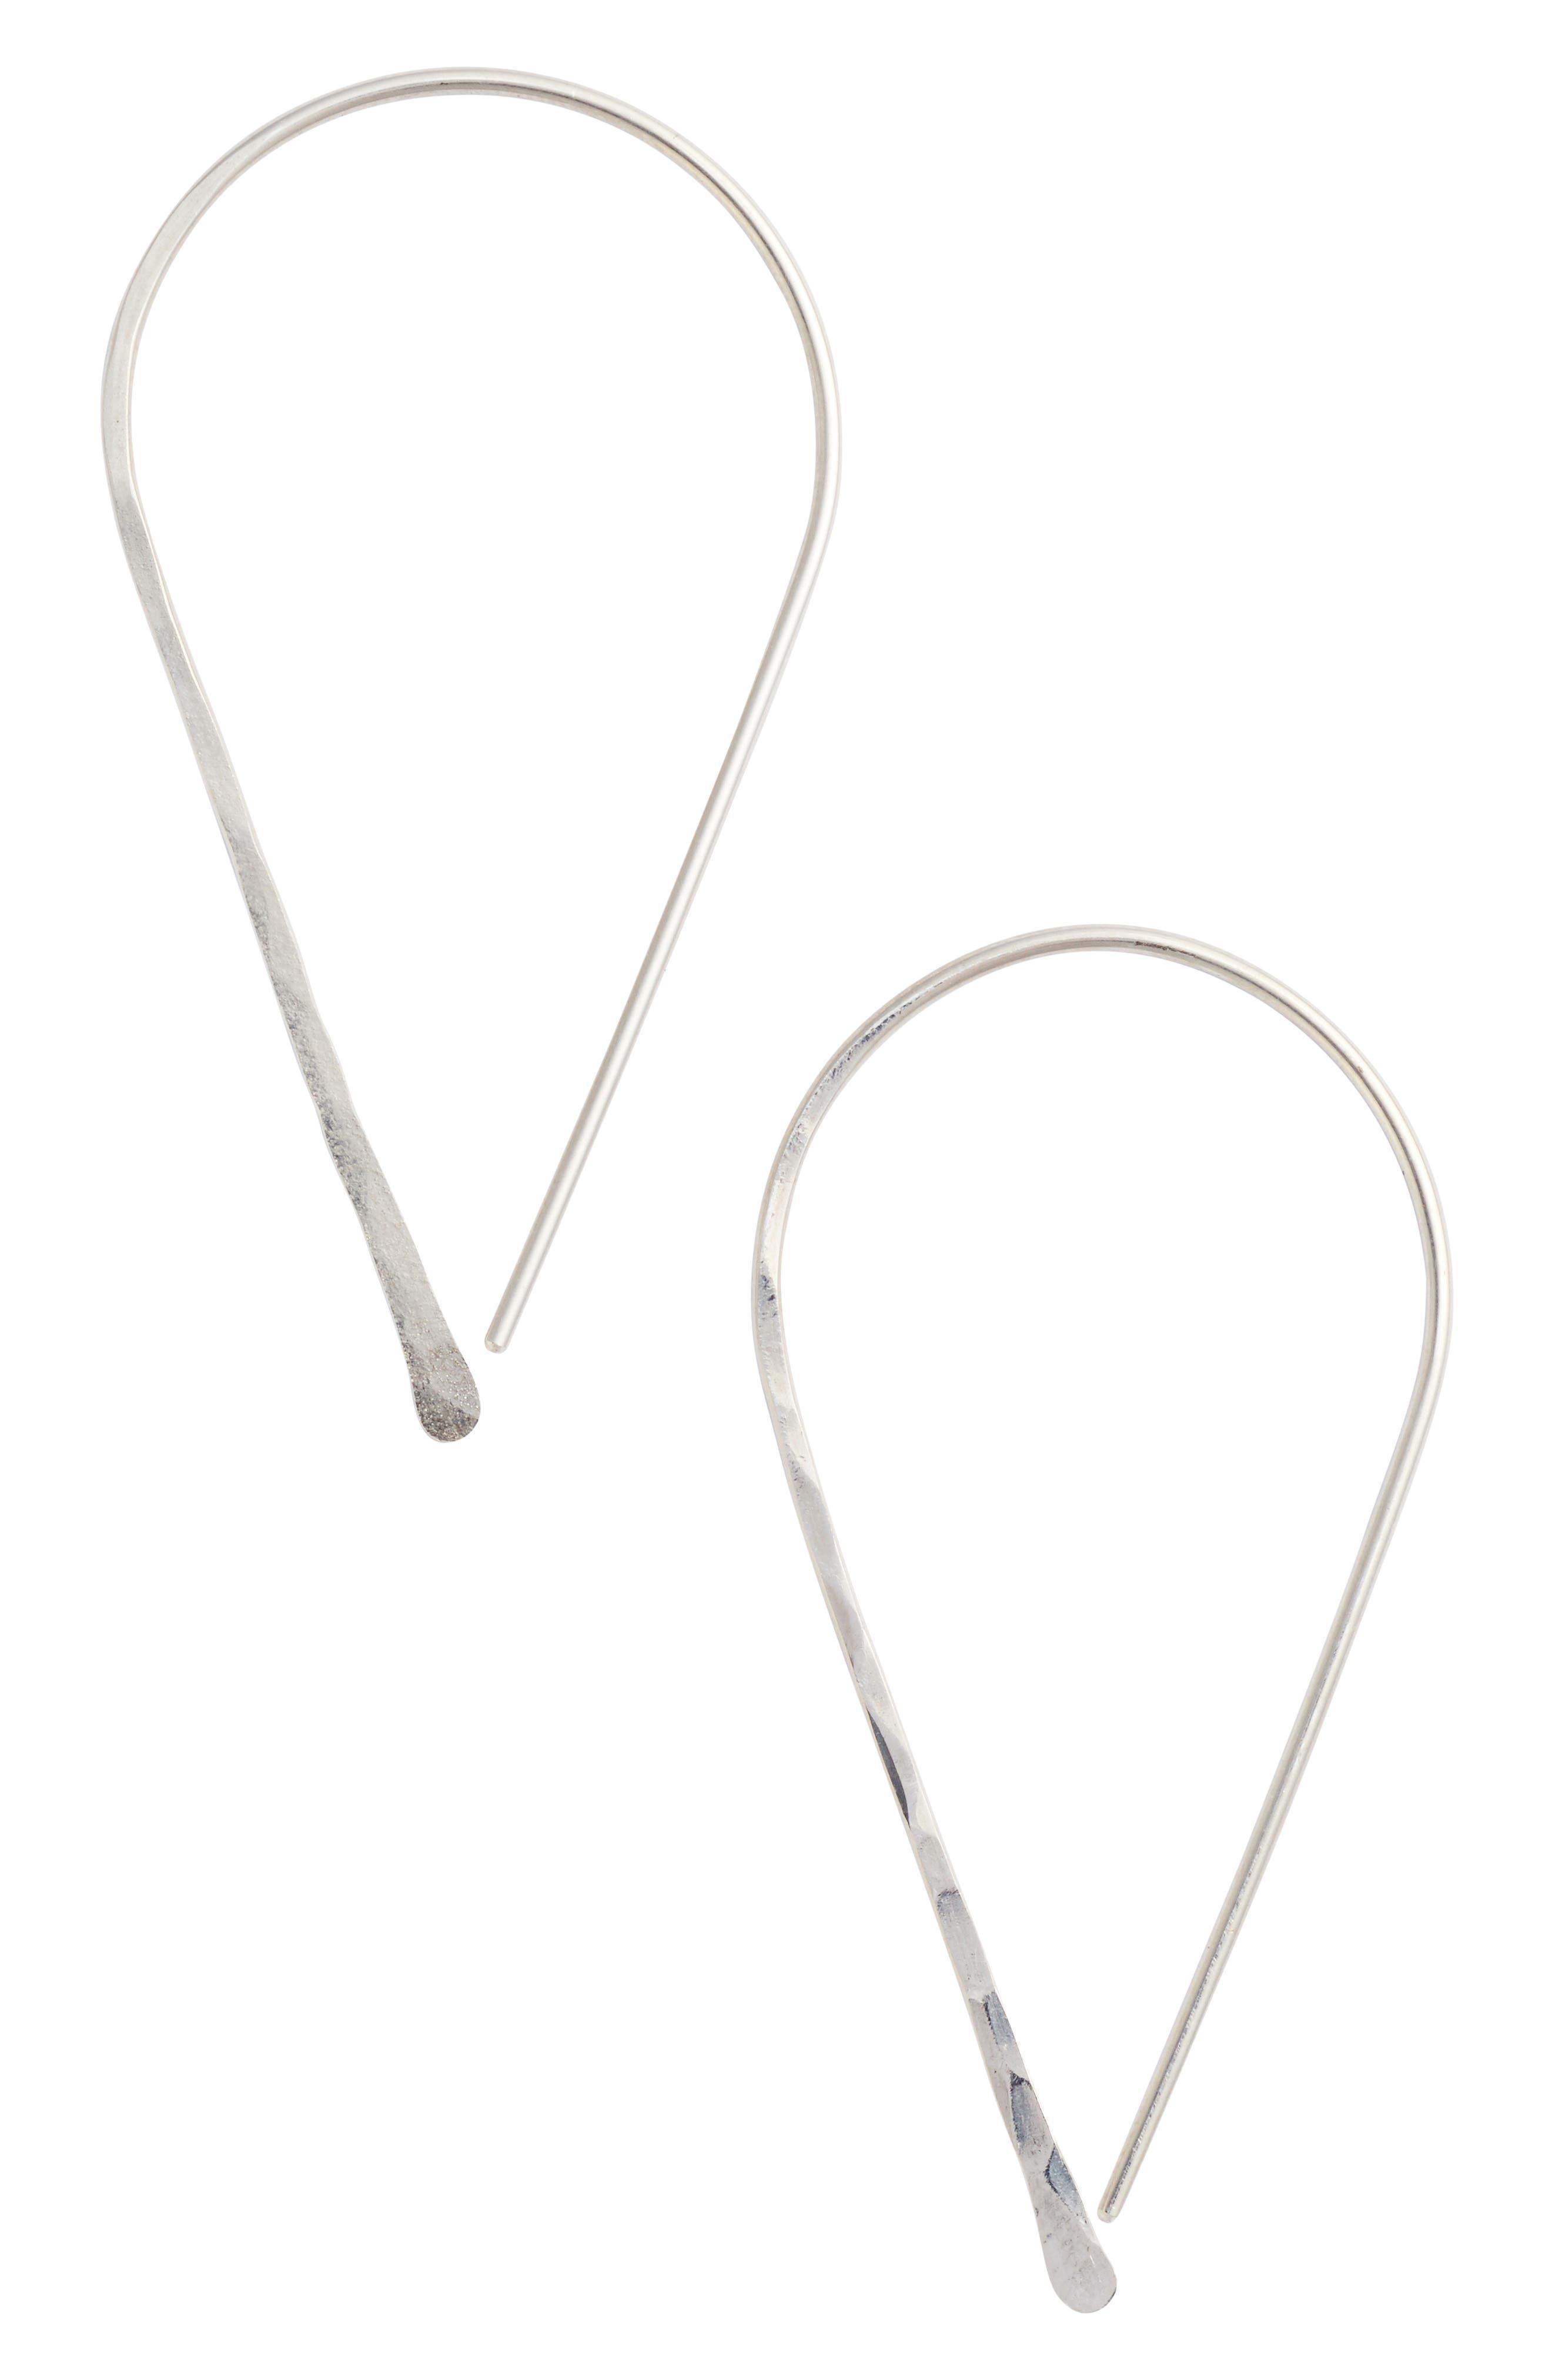 Lucky Threader Earrings,                             Main thumbnail 1, color,                             040